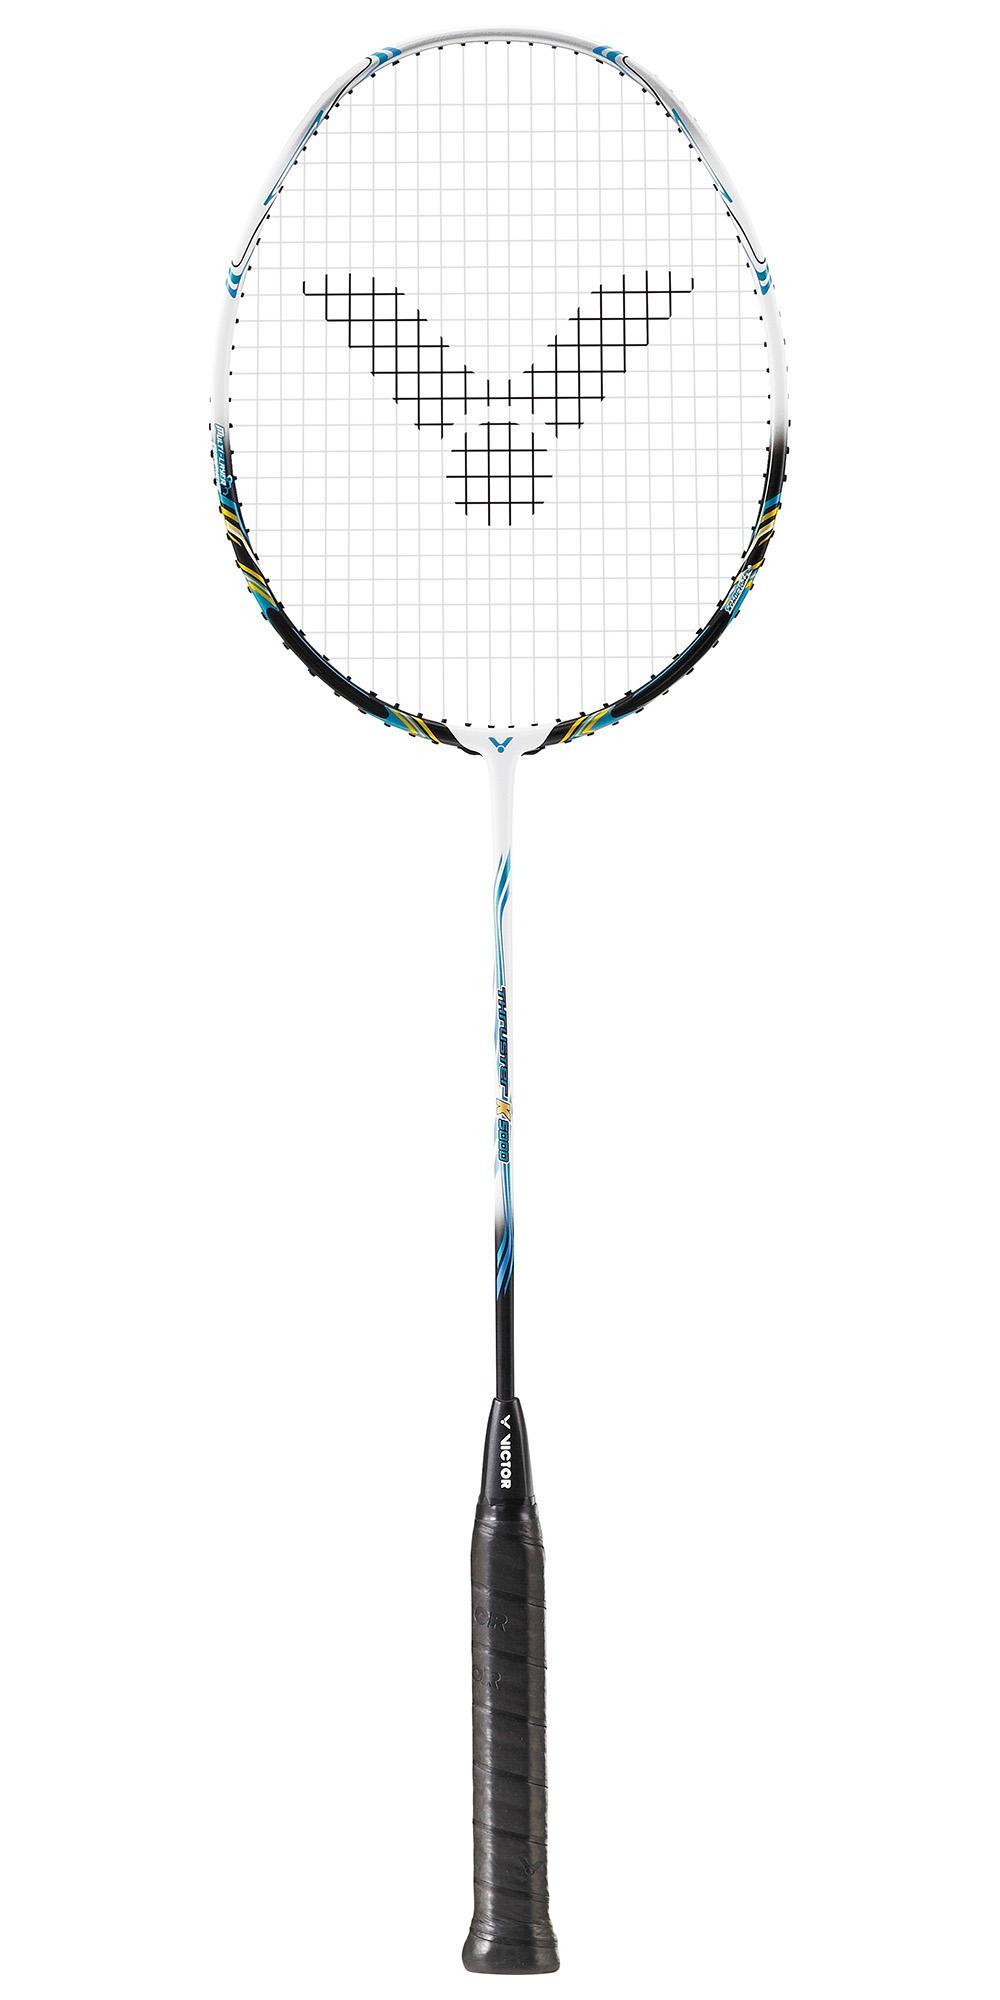 Victor Thruster K 5000 Badminton Racket Tennisnuts Com